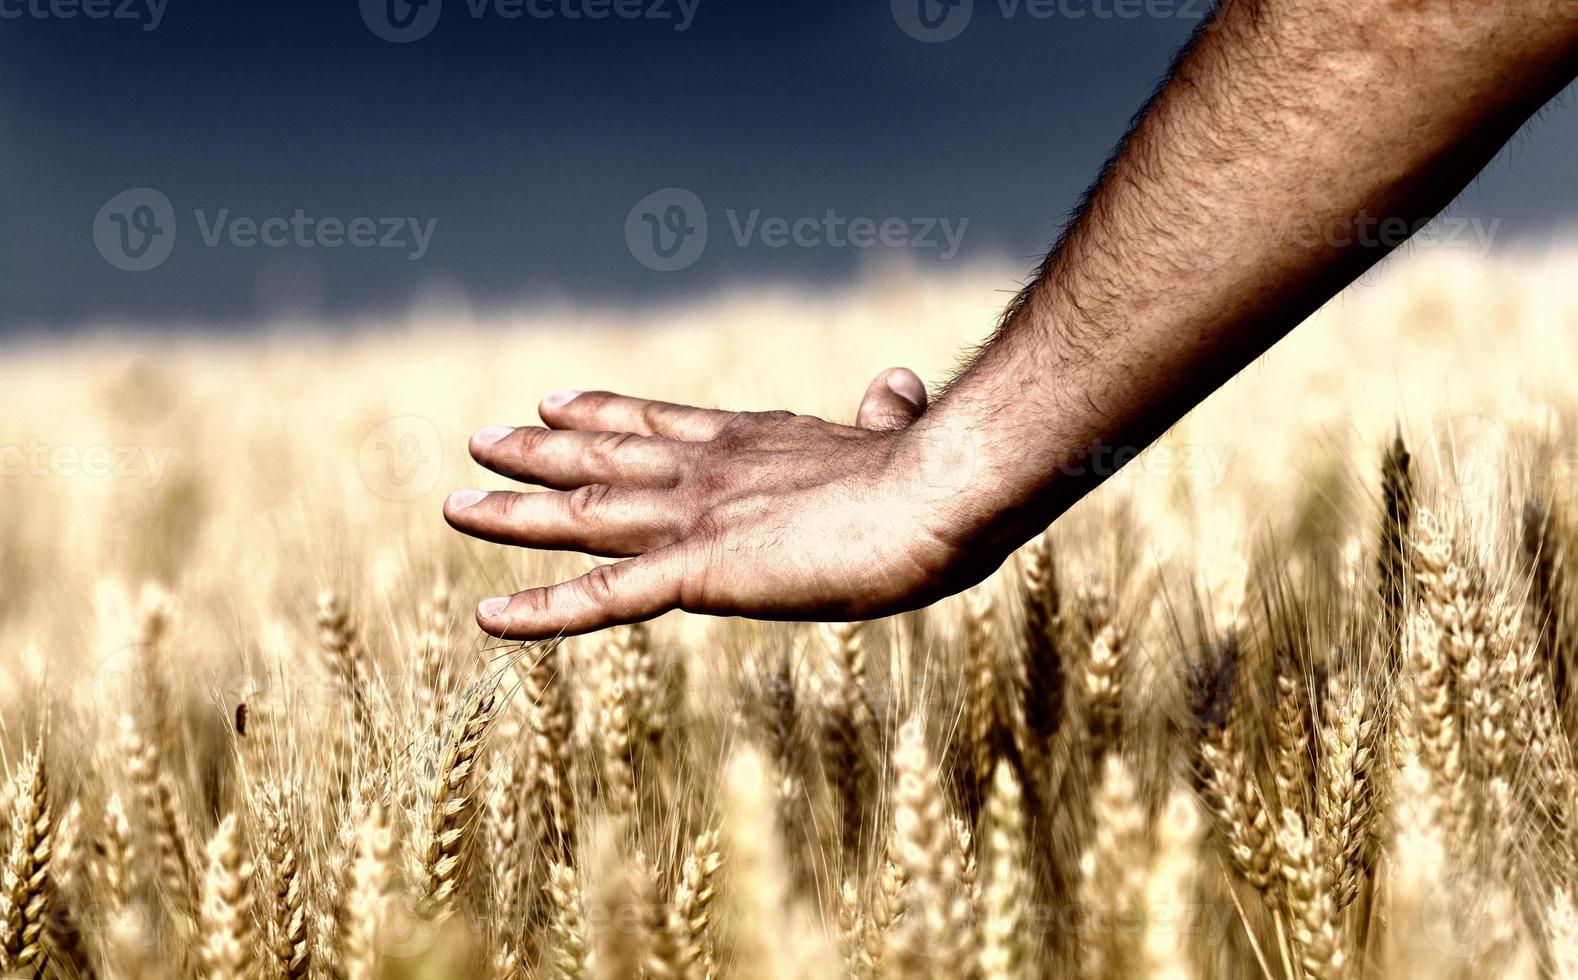 männliche Hand, die Weizen berührt foto